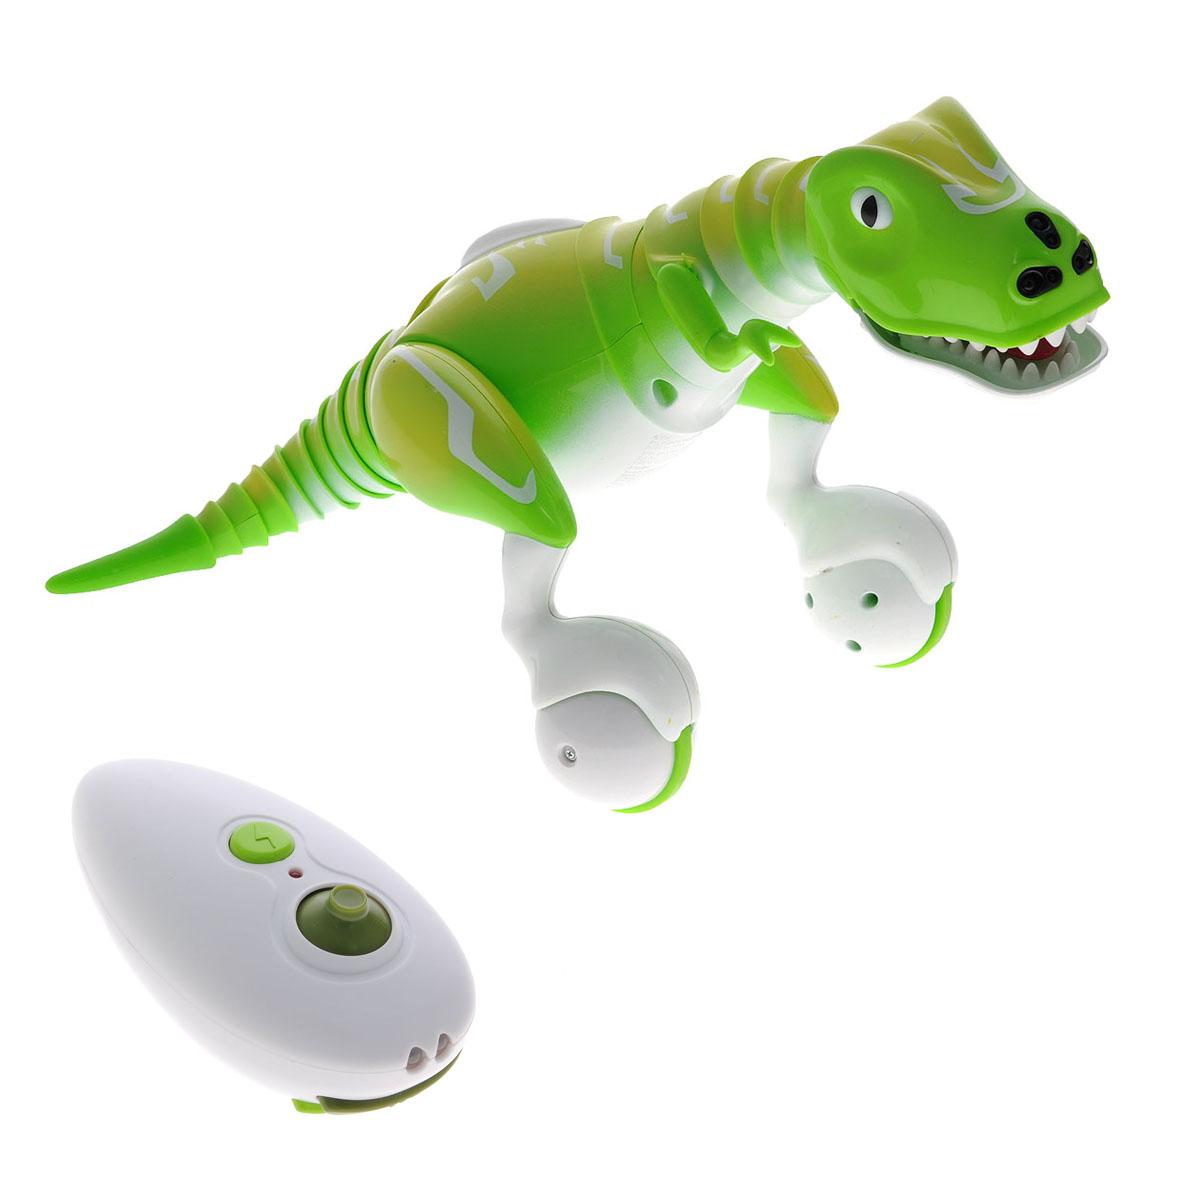 Zoomer Интерактивная игрушка Динозавр14404Интерактивная игрушка Zoomer Динозавр станет чудесным подарком для вашего ребенка! Она выполнена из прочного пластика в виде симпатичного динозаврика по имени Дино. Игрушка работает в 2 режимах. Если вы хотите контролировать ее движения, то воспользуйтесь пультом управления. С его помощью вы сможете управлять динозавром и включать функцию защита, при которой зверь начинает атаковать. В интерактивном режиме игрушка начнет делать произвольные движения, кататься по полу, обнюхивать все вокруг, рычать и урчать. Благодаря шарнирным соединениям динозавр обладает повышенной подвижностью и пластичностью - он может двигать хвостом, головой и шеей. Передвигается игрушка за счет колес, расположенных на задних лапах. Если поднести руку к передней части головы динозавра, он начнет двигаться вслед за ней. Светодиодные, меняющие цвет, глаза подскажут хозяину, в каком сейчас настроении прибывает робот - счастлив он, зол или грустен. Если схватить динозавра за хвост или шею, он вмиг...